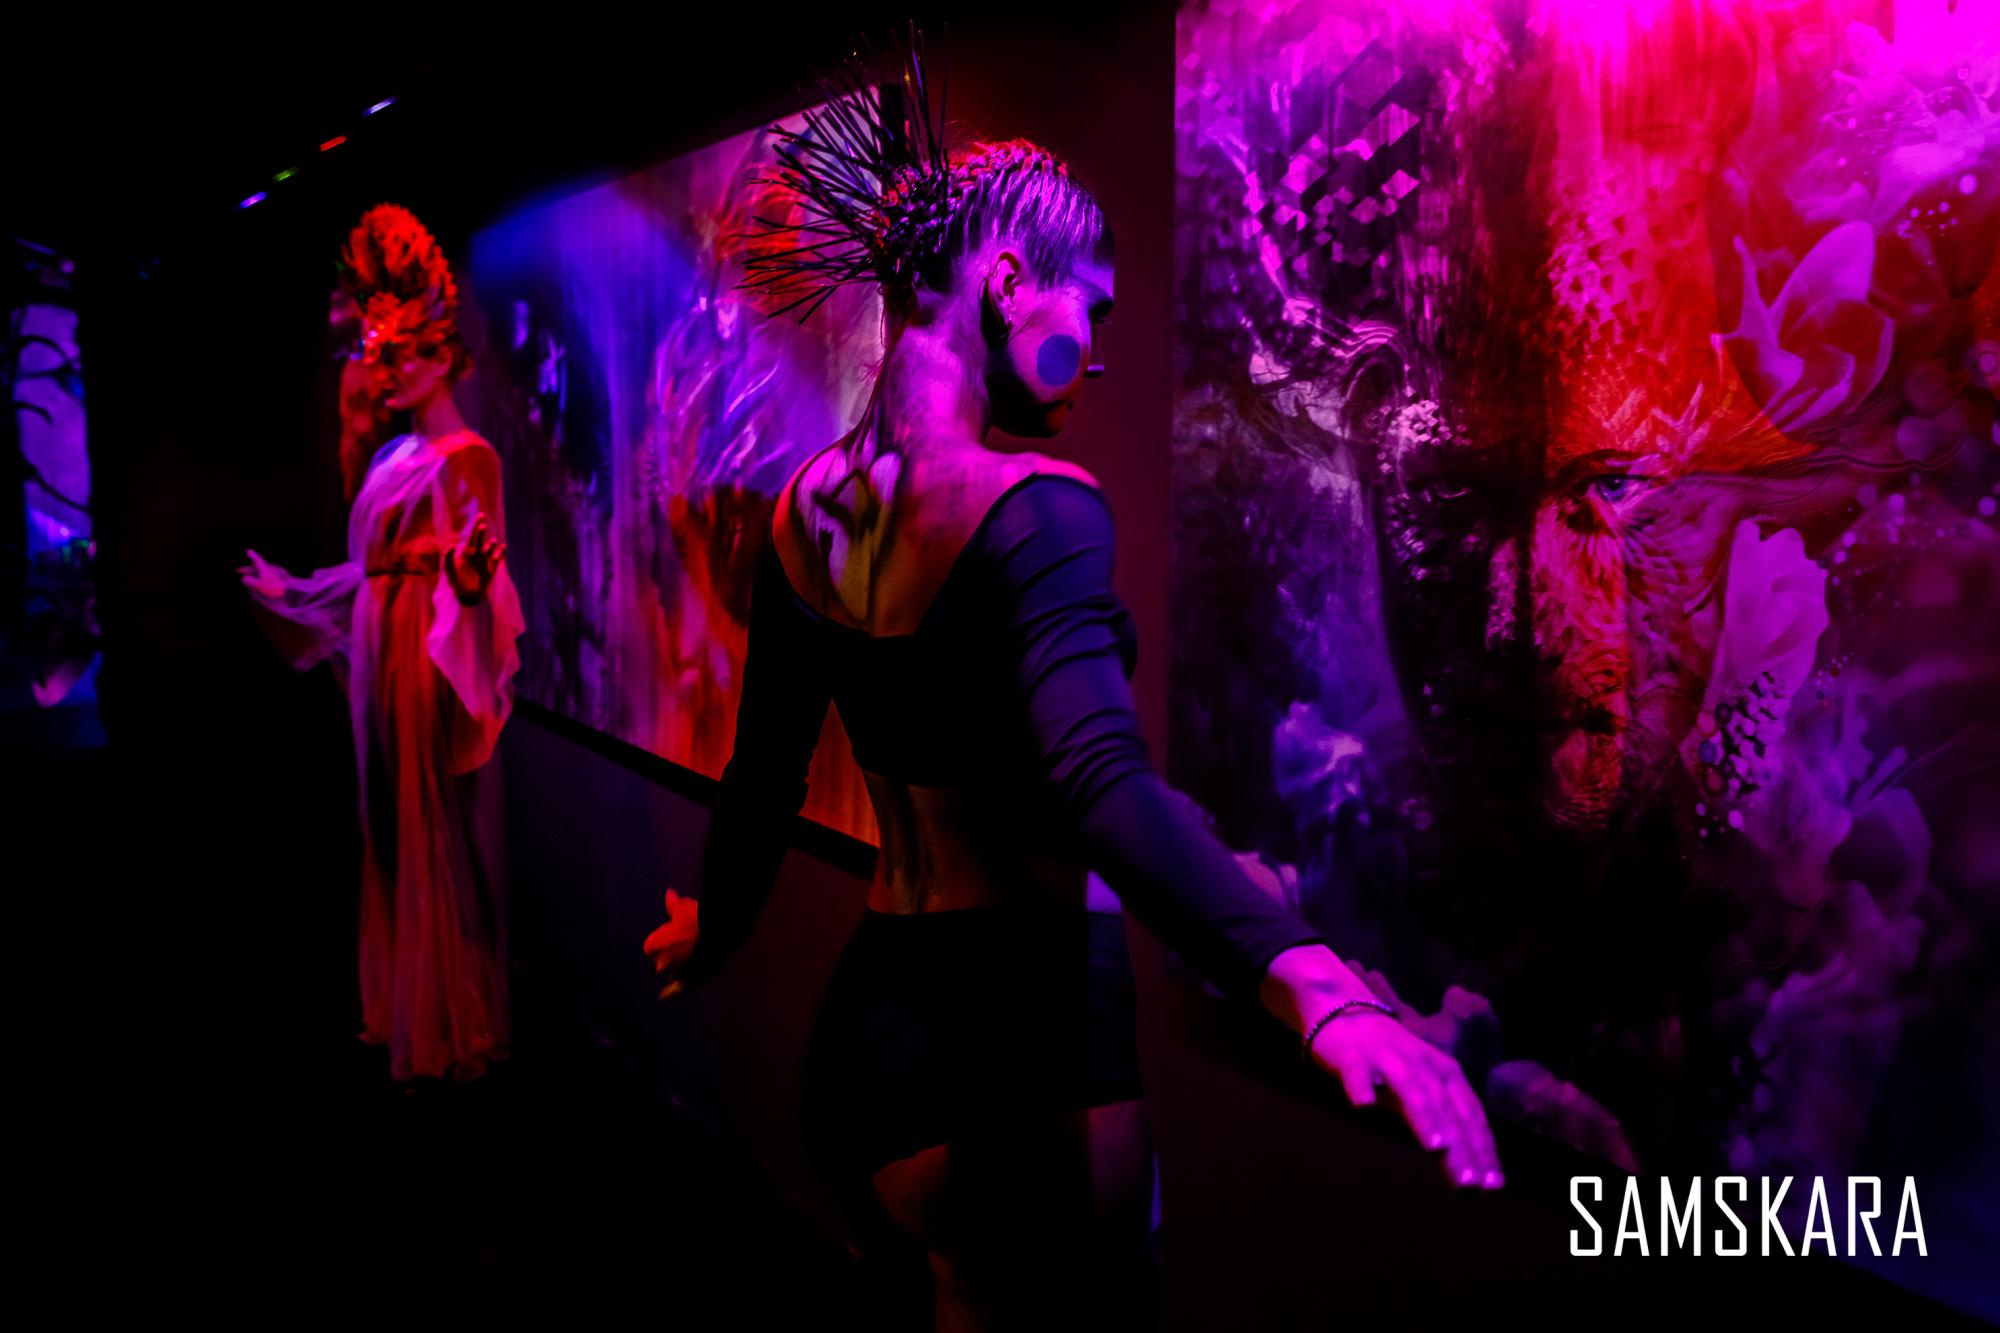 В Киеве открылась всемирно известная выставка Samskara